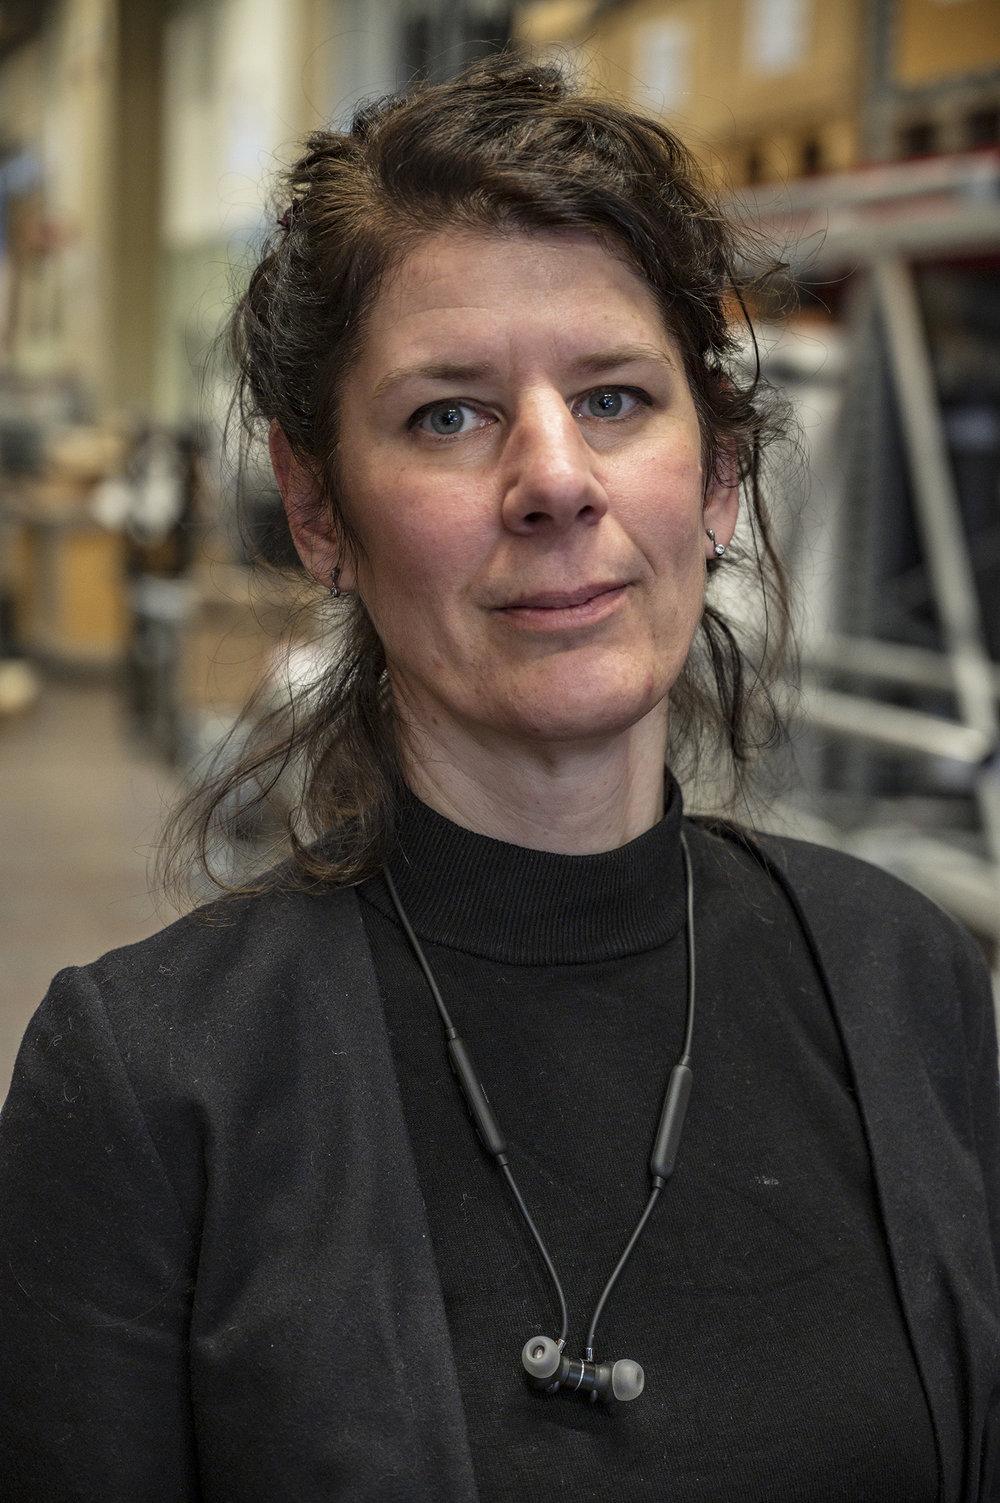 Det är dags att använda upplevda värden för att beskriva ljuskvalitet. Vi kommer inte längre än såhär med fysikaliska värden och teknik, säger Johanna Enger, ljusdesigner miljö och doktorand i miljöpsykologi.